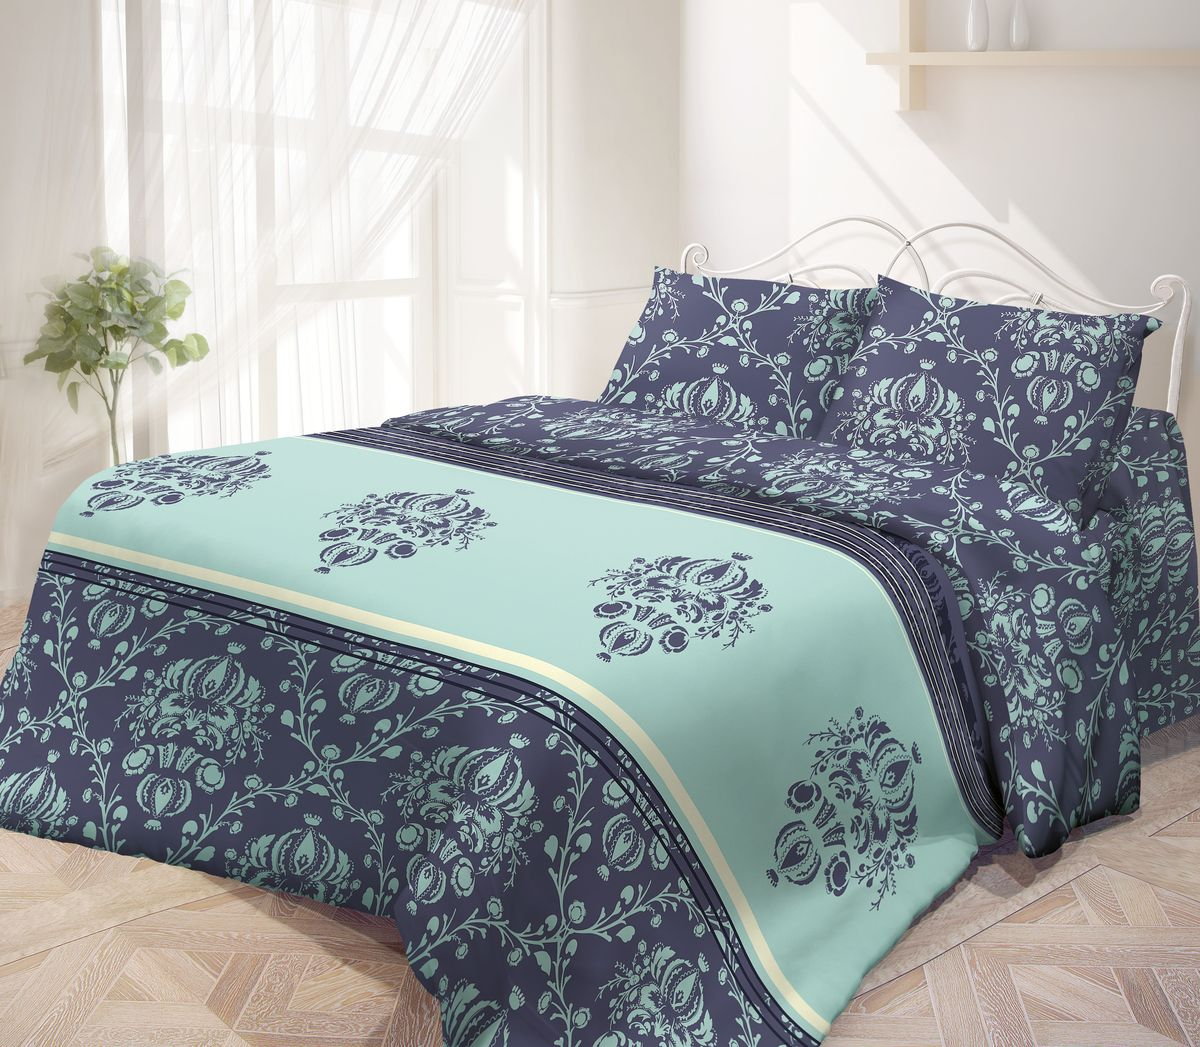 Комплект белья Гармония, 1,5-спальный, наволочки 50х70, цвет: темно-синий, голубой192581Комплект постельного белья Гармония является экологически безопасным, так как выполнен из поплина (100% хлопок). Комплект состоит из пододеяльника, простыни и двух наволочек. Постельное белье оформлено красивым орнаментом и имеет изысканный внешний вид. Поплин мягкий и приятный на ощупь. Кроме того, эта ткань не требует особого ухода, легко стирается и прекрасно держит форму. Высококачественные красители, которые используются при производстве постельного белья, сохраняют свой цвет даже после многочисленных стирок.Постельное белье Гармония - лучший выбор для современной хозяйки! Его отличают демократичная цена и отличное качество.